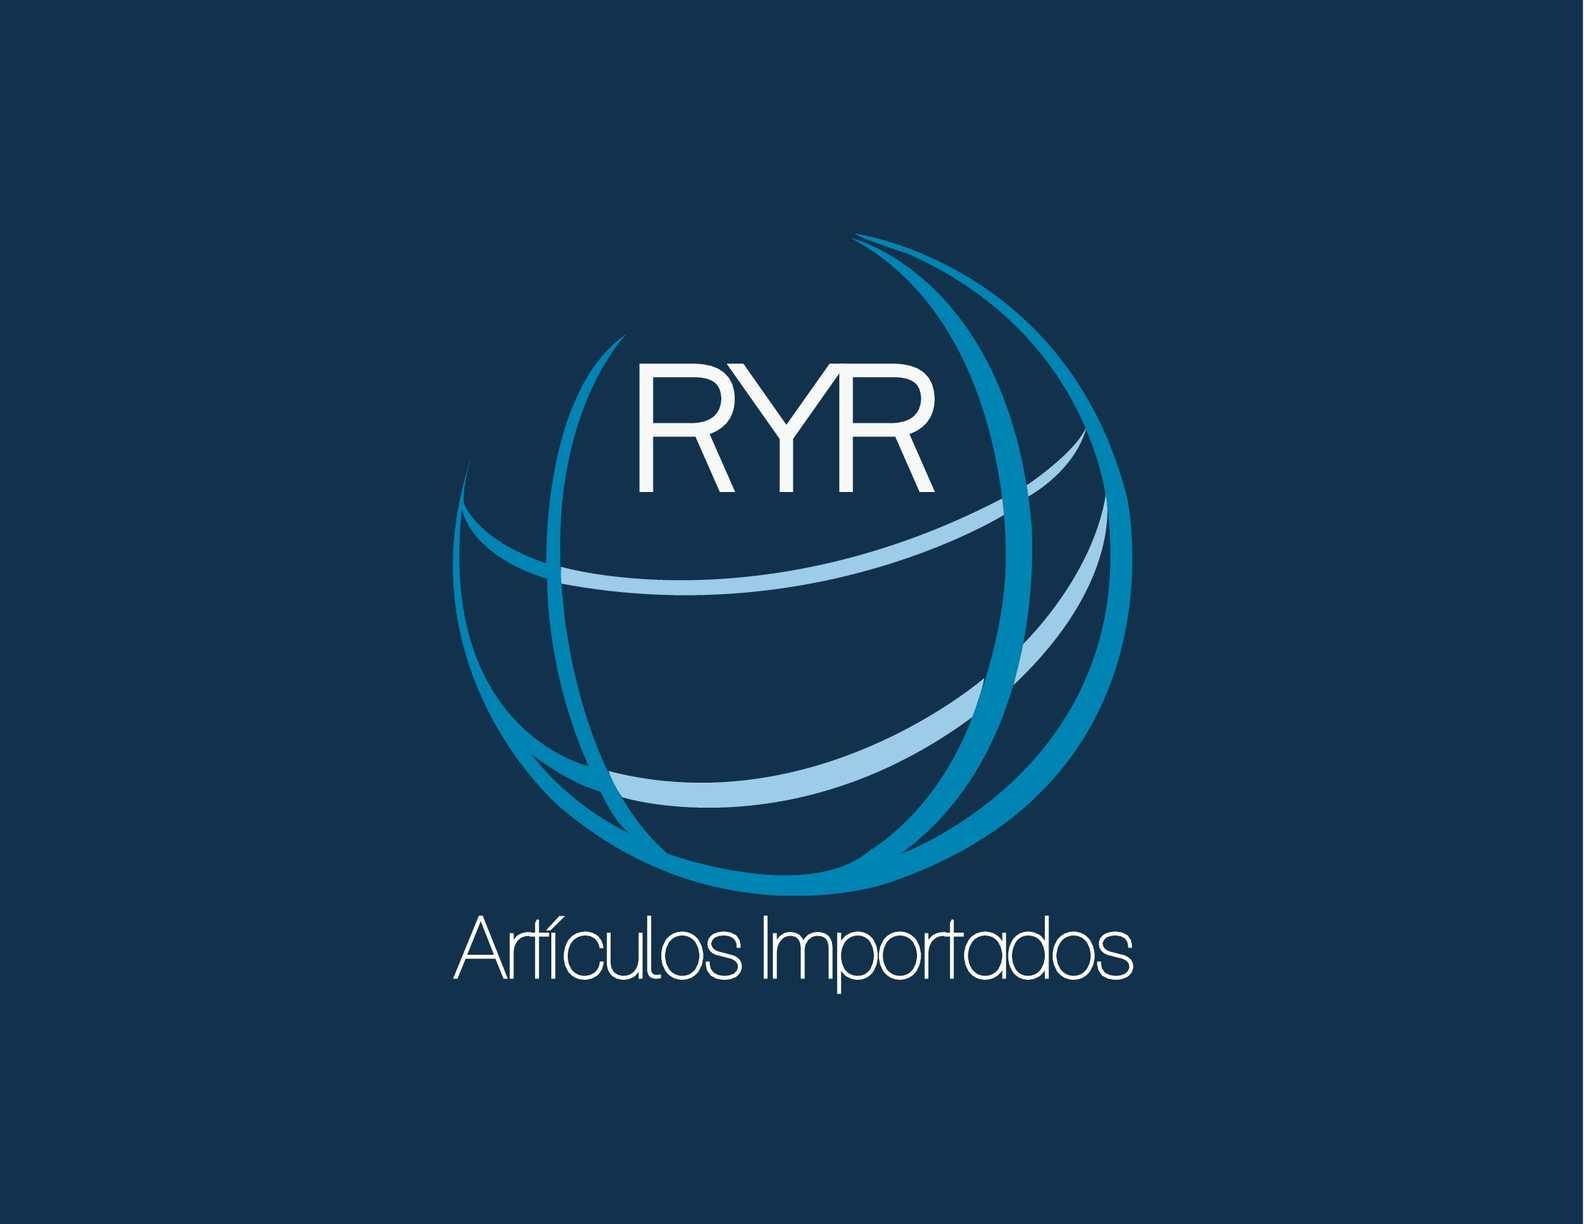 ebd69a4b Calaméo - RyR Artículos Importados